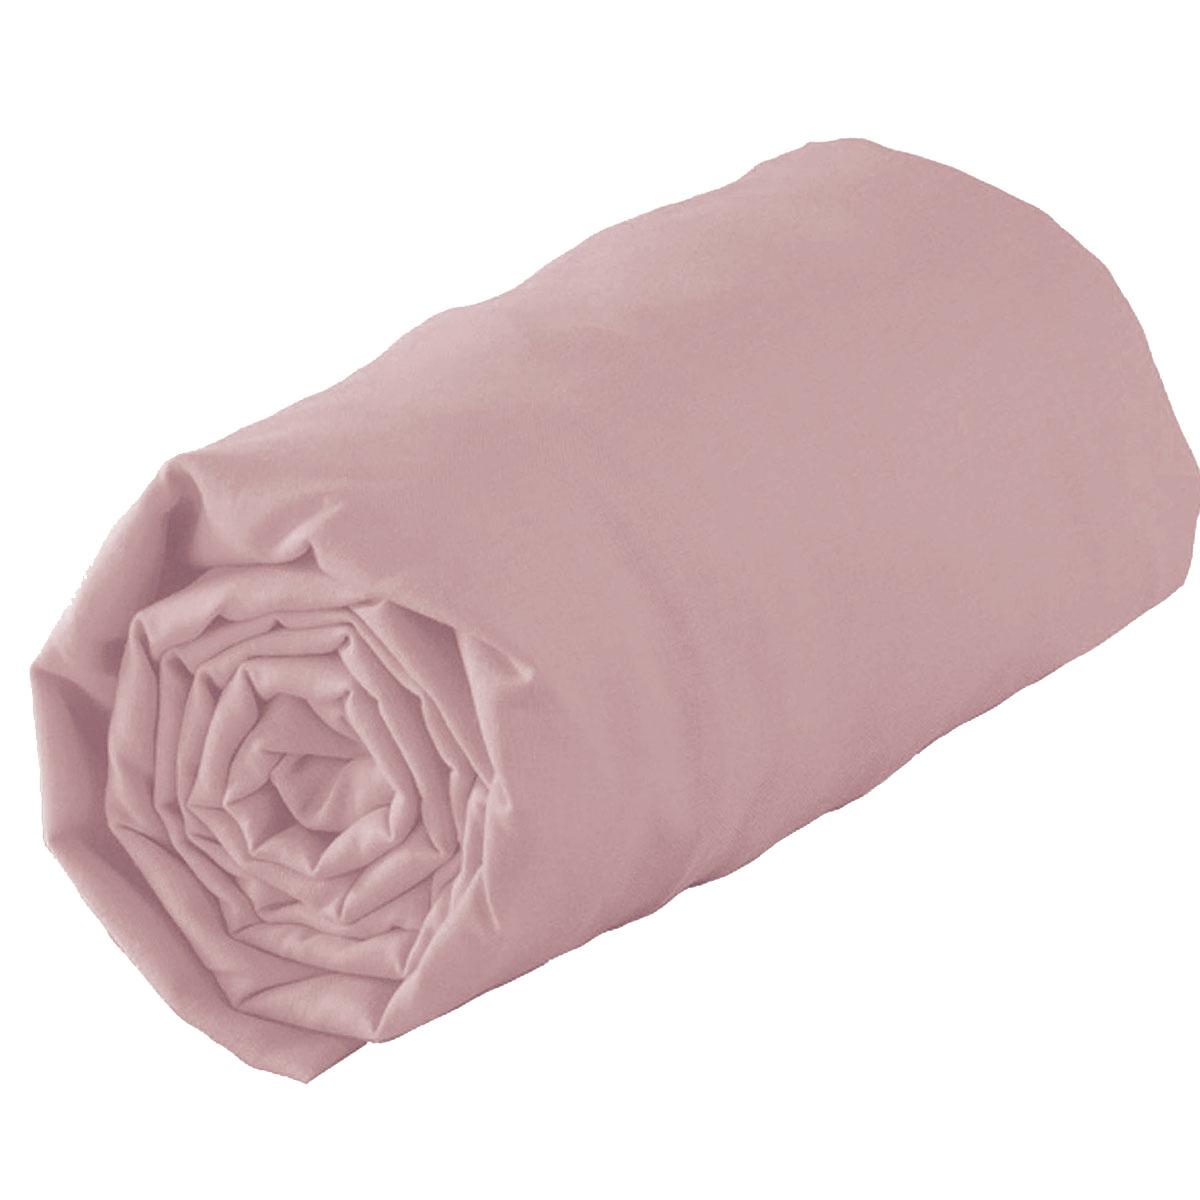 Drap housse en 100% coton biologique - Blush - 160 x 200 bt 30 cm